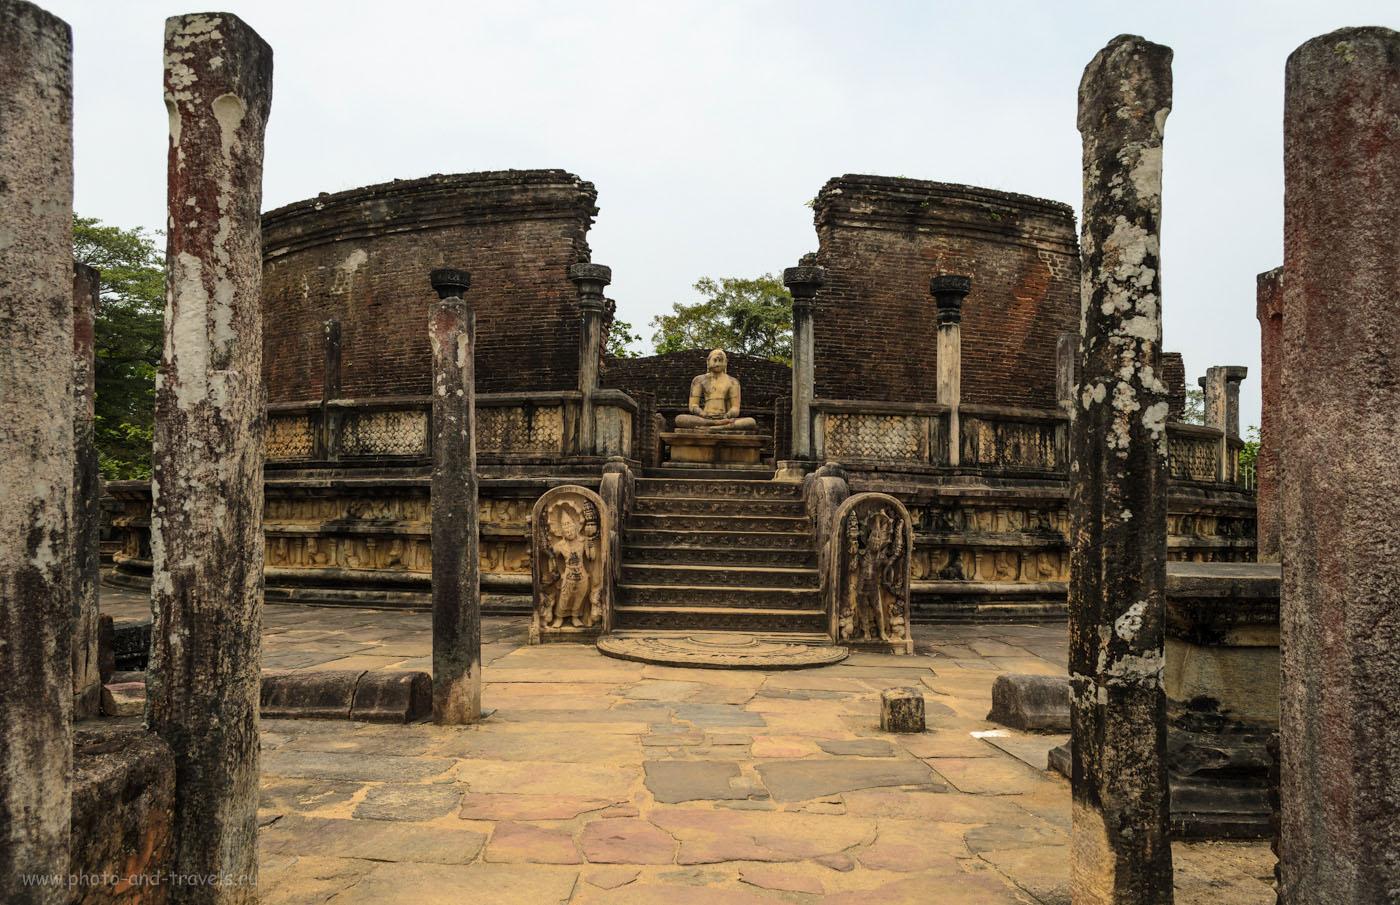 Фотография 8. Круглый дом реликвий Vatadage Dalada Maluwa в старинном городе Полоннарува на Шри-Ланке. Отчет о том, как поехать туда на экскурсию самостоятельно.